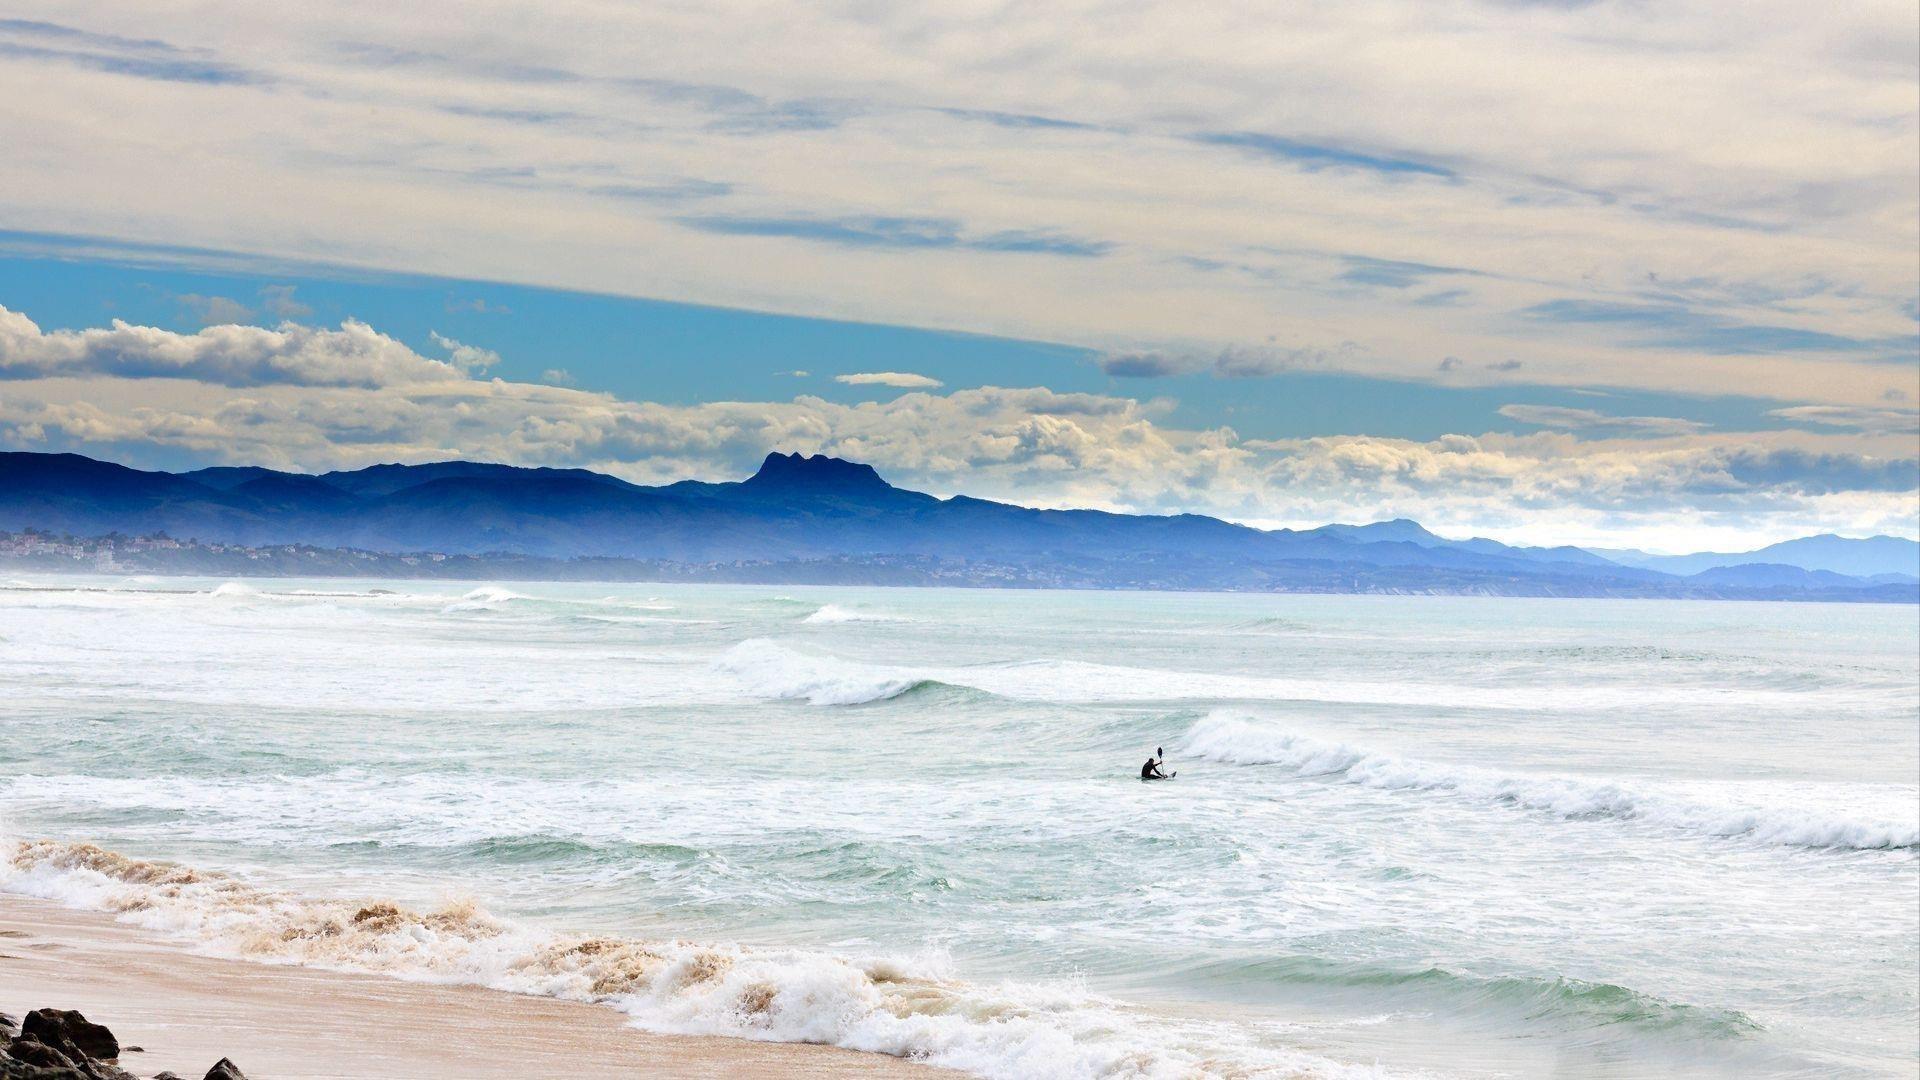 Океанские волны побережье человек гребет пейзаж вид на горную природу обои скачать